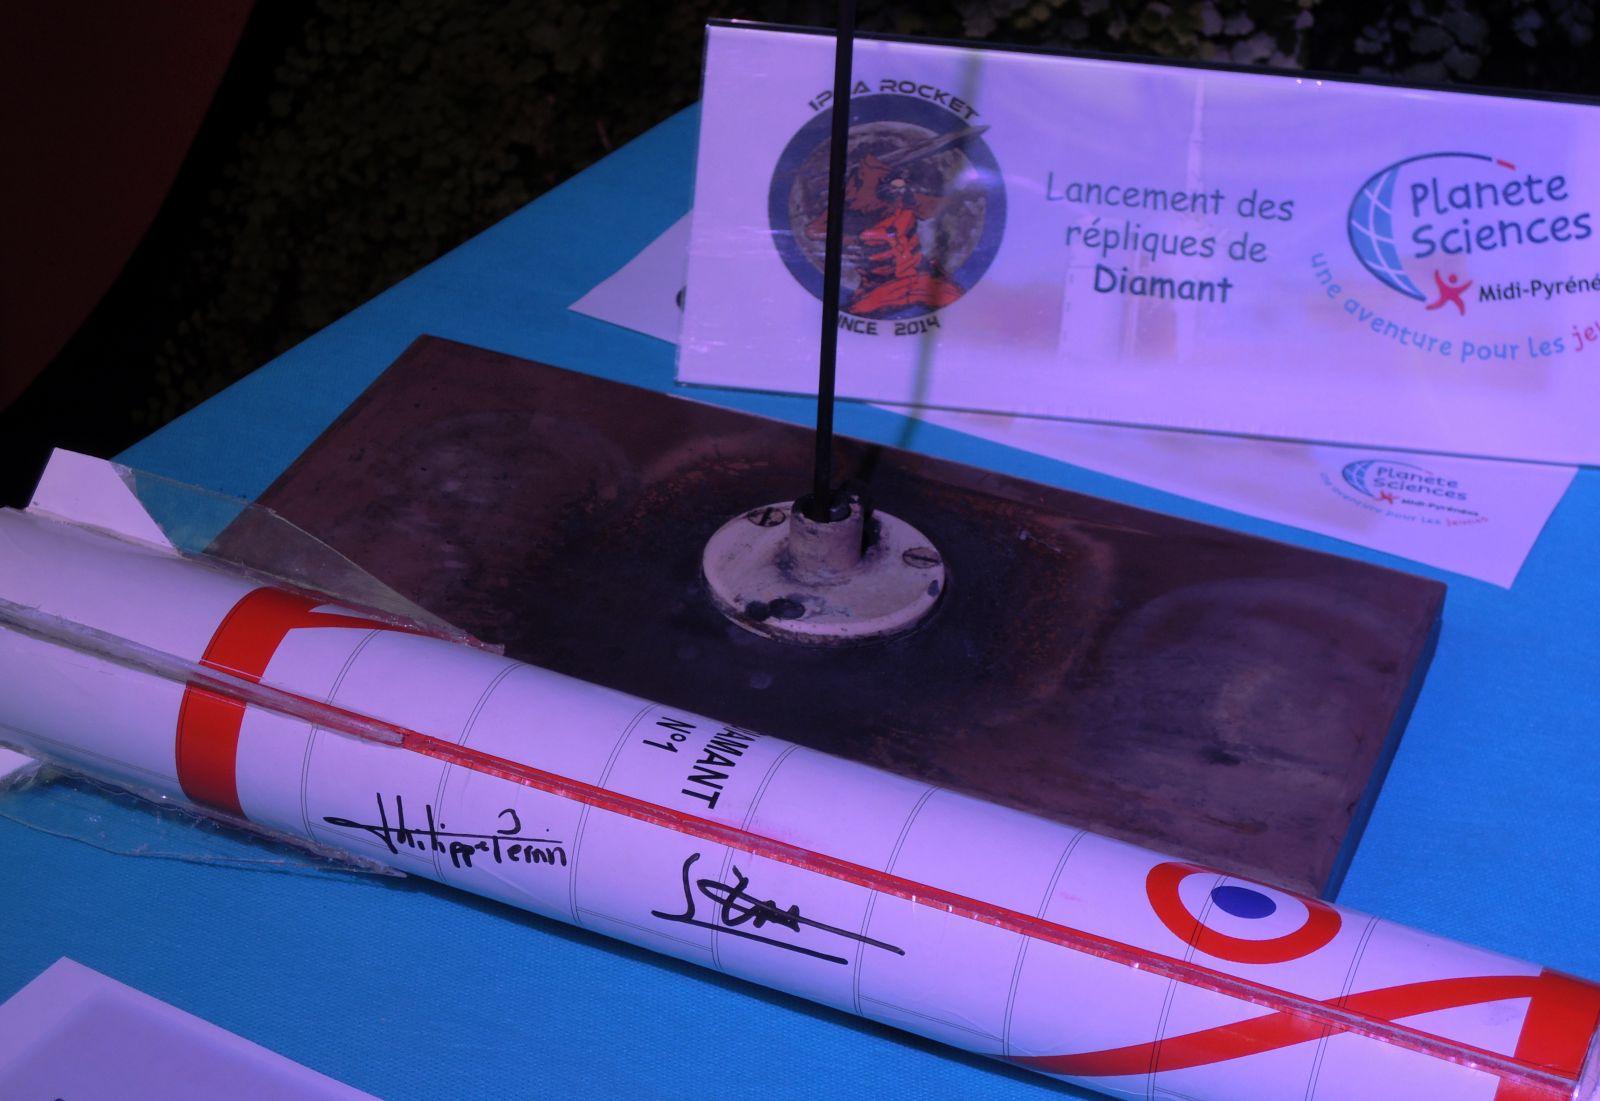 Astérix - A1 - Diamant - Réplique - Microfusée - Toulouse - 26 novembre 2015 - Anniversaire - 26-11-1965 - Hammaguir - SEREB - CNES - DMA - Dédicace Philippe Perrin et George Estibal - Planète Sciences Midi-Pyrénées - IPSA Rocket